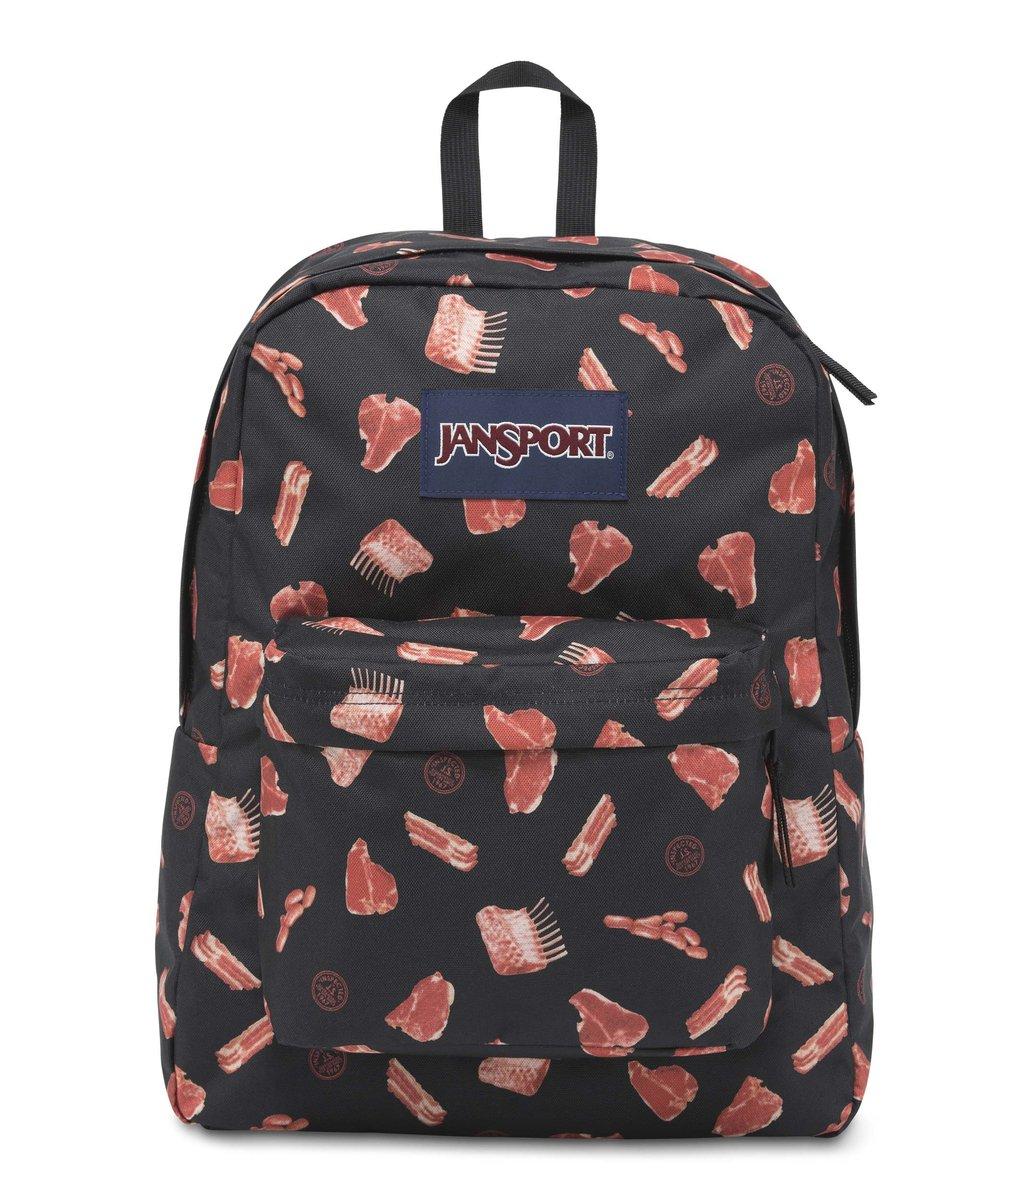 Jansport Yellowcard Backpack e1e7d0a5a2a8d